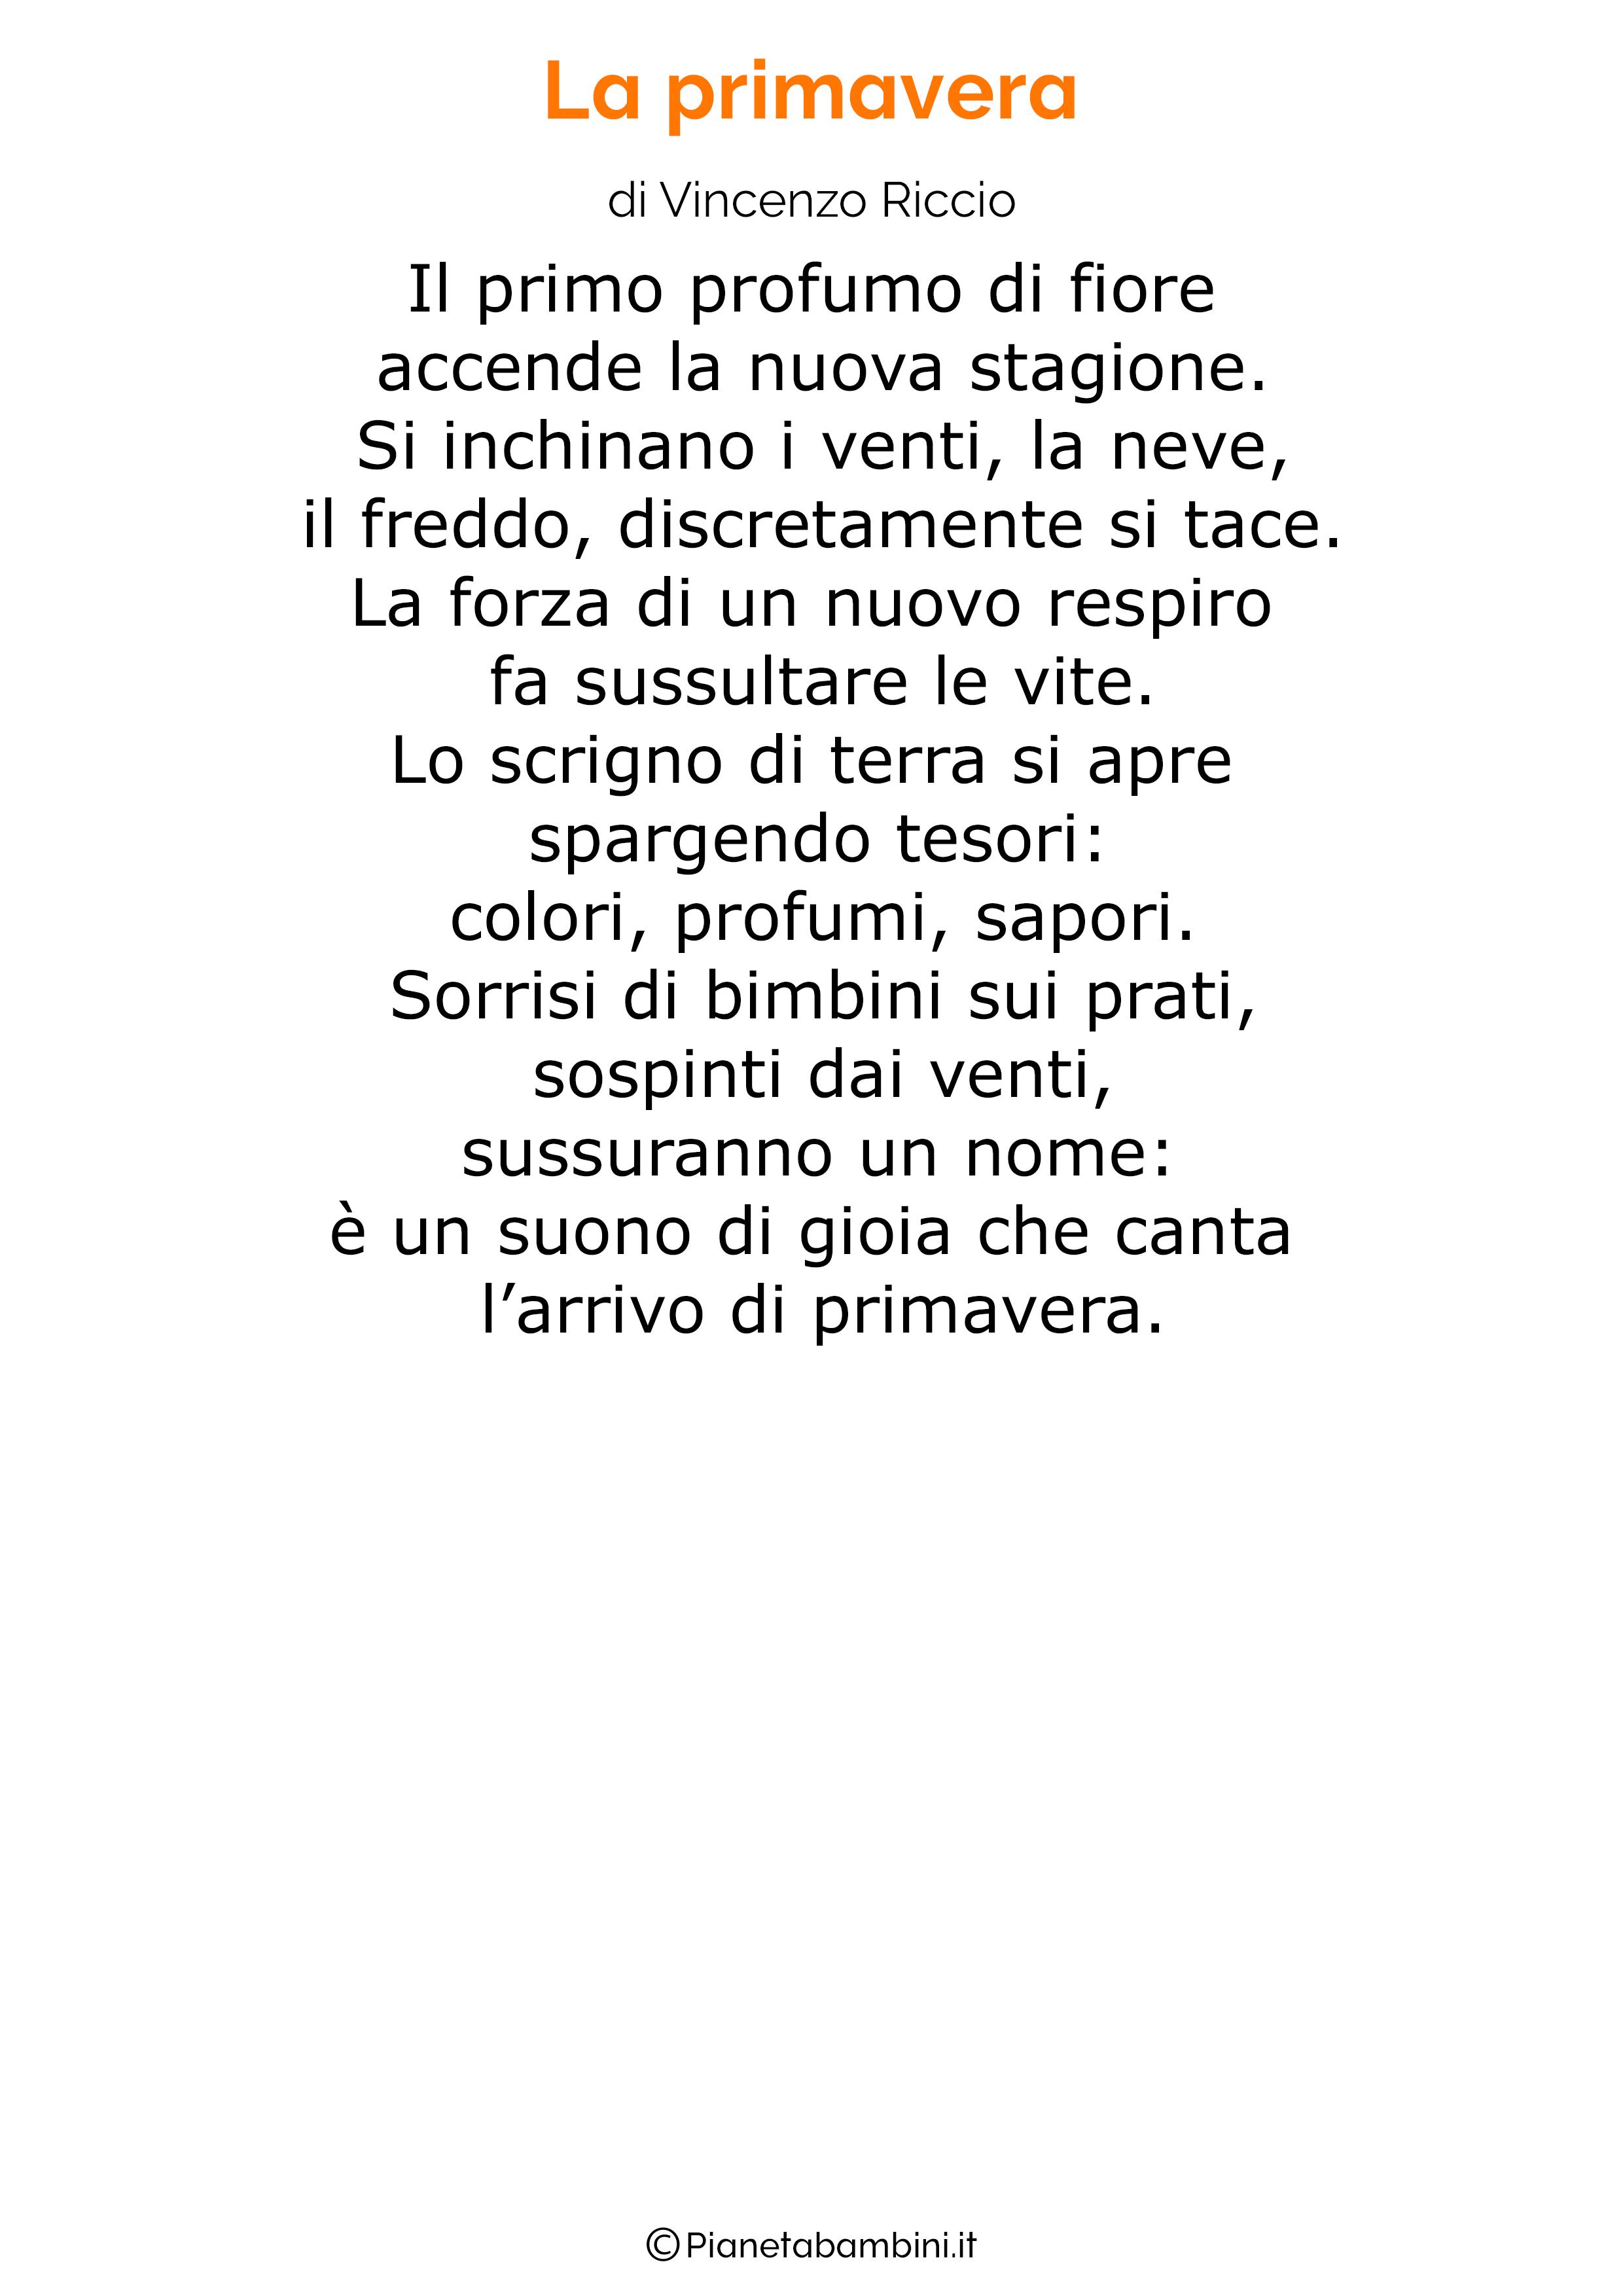 Poesia sulla Primavera 50